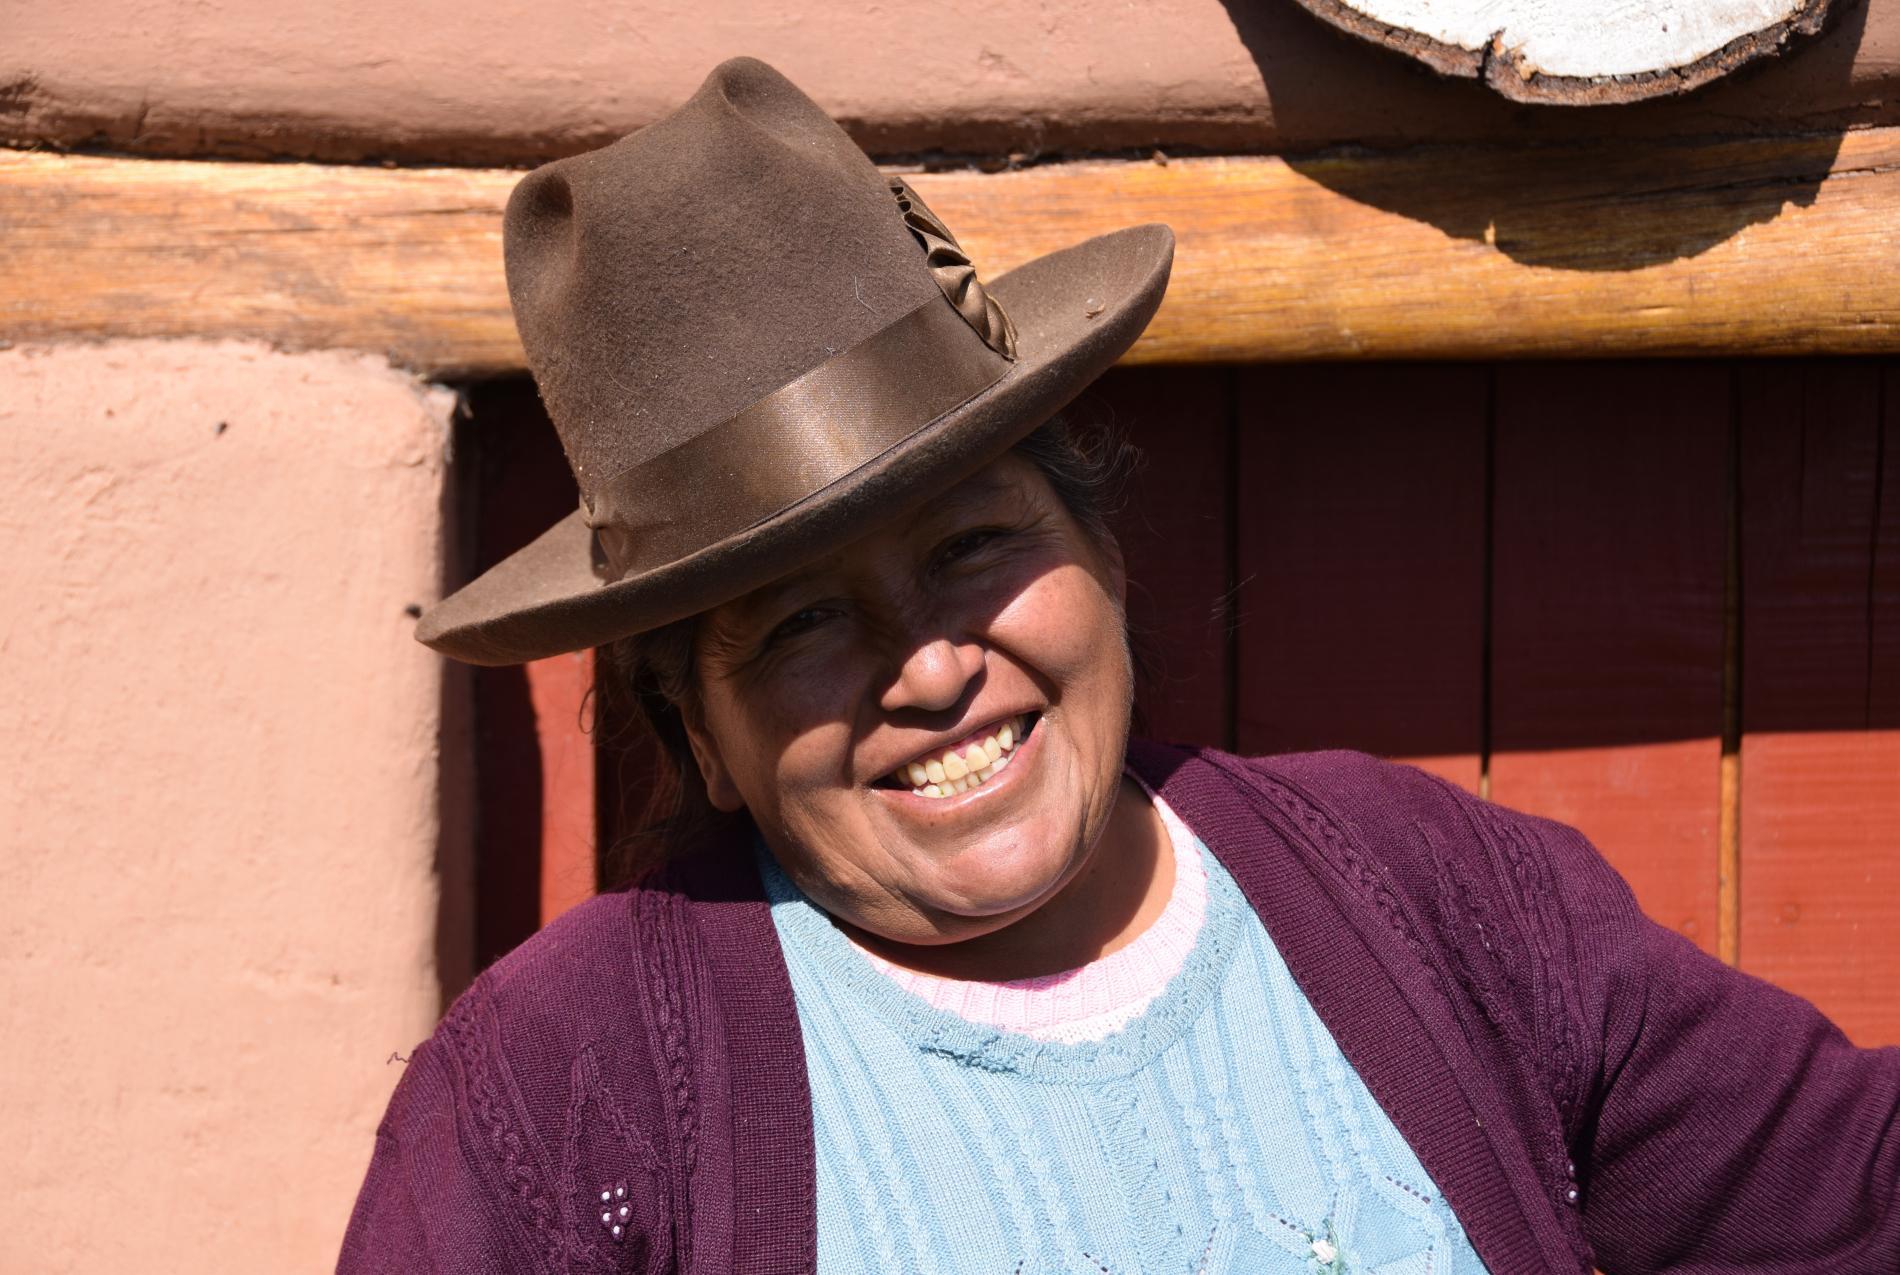 Voyage solidaire Pérou-Bolivie : Vision du Monde - Photo 9